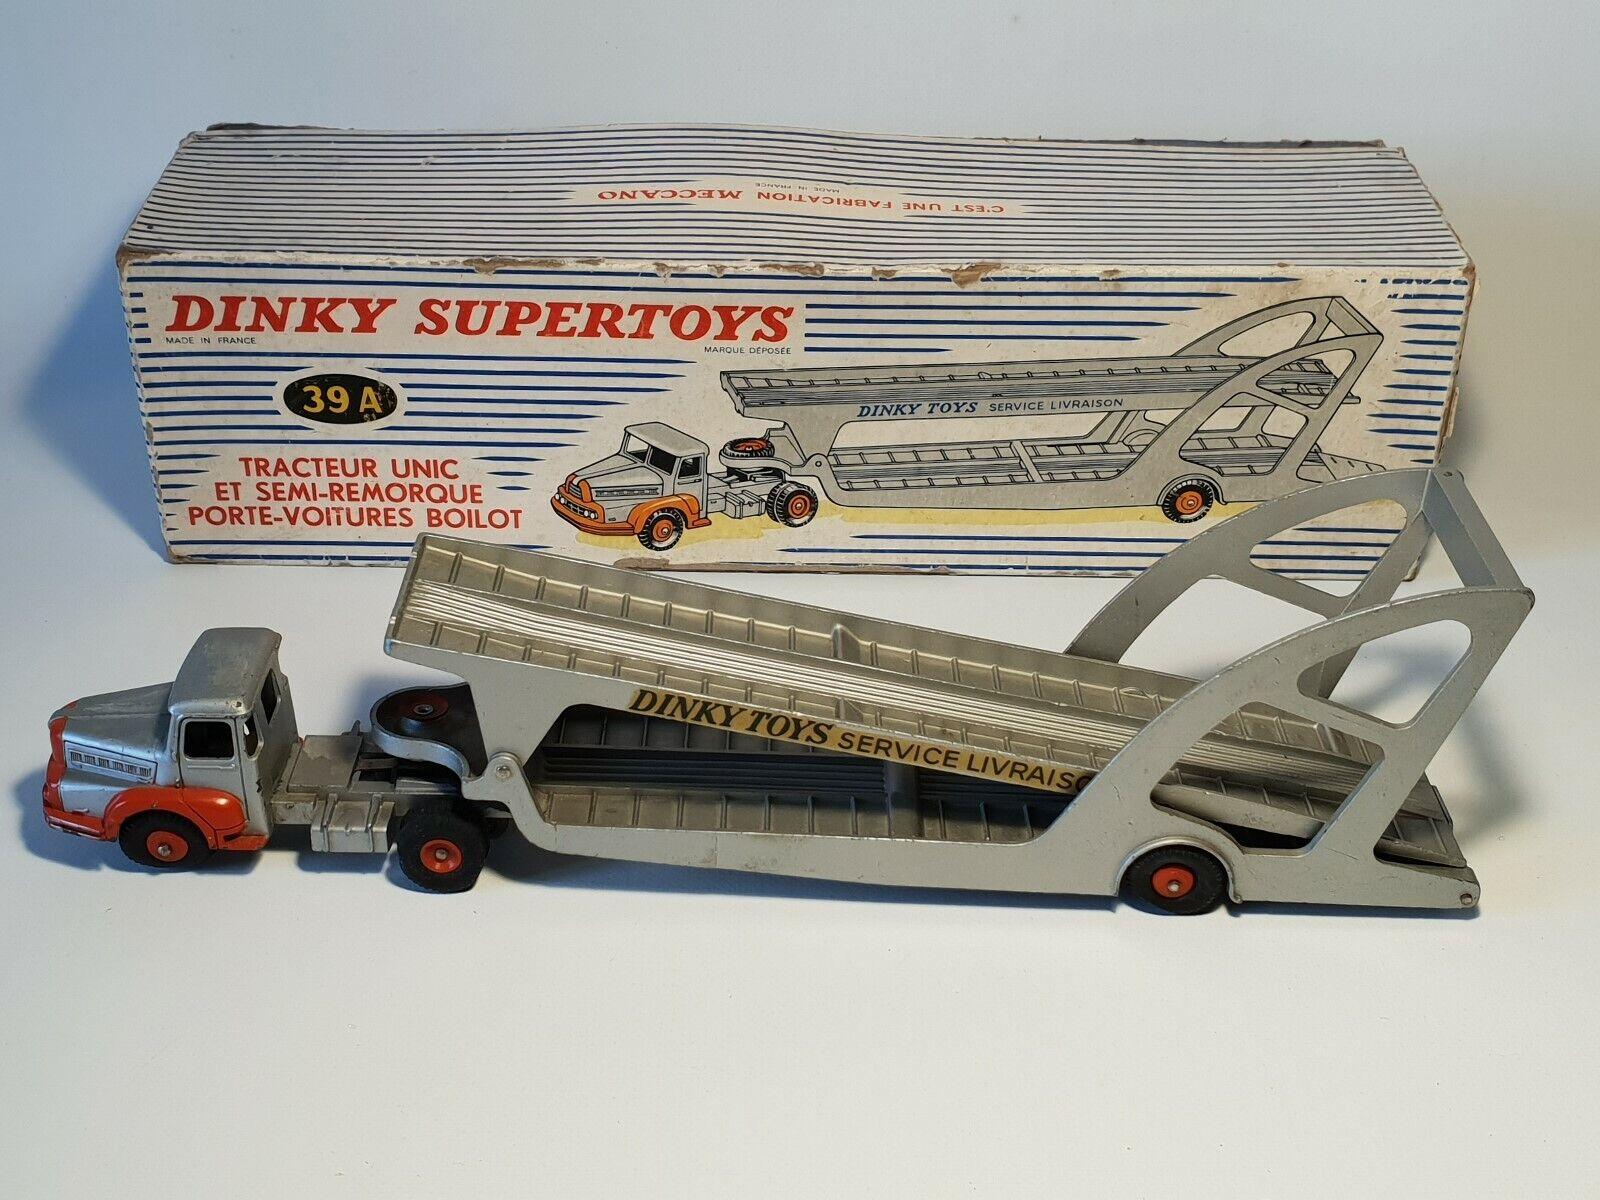 dinky toys 39A tracteur unic et semi-remorque porte voitures Boilot